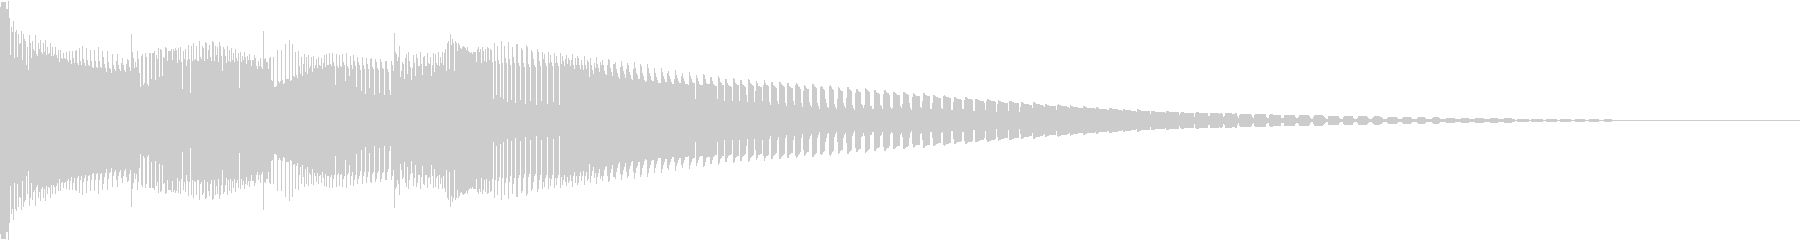 Henteko 可愛いクラッシュ音 5の未再生の波形